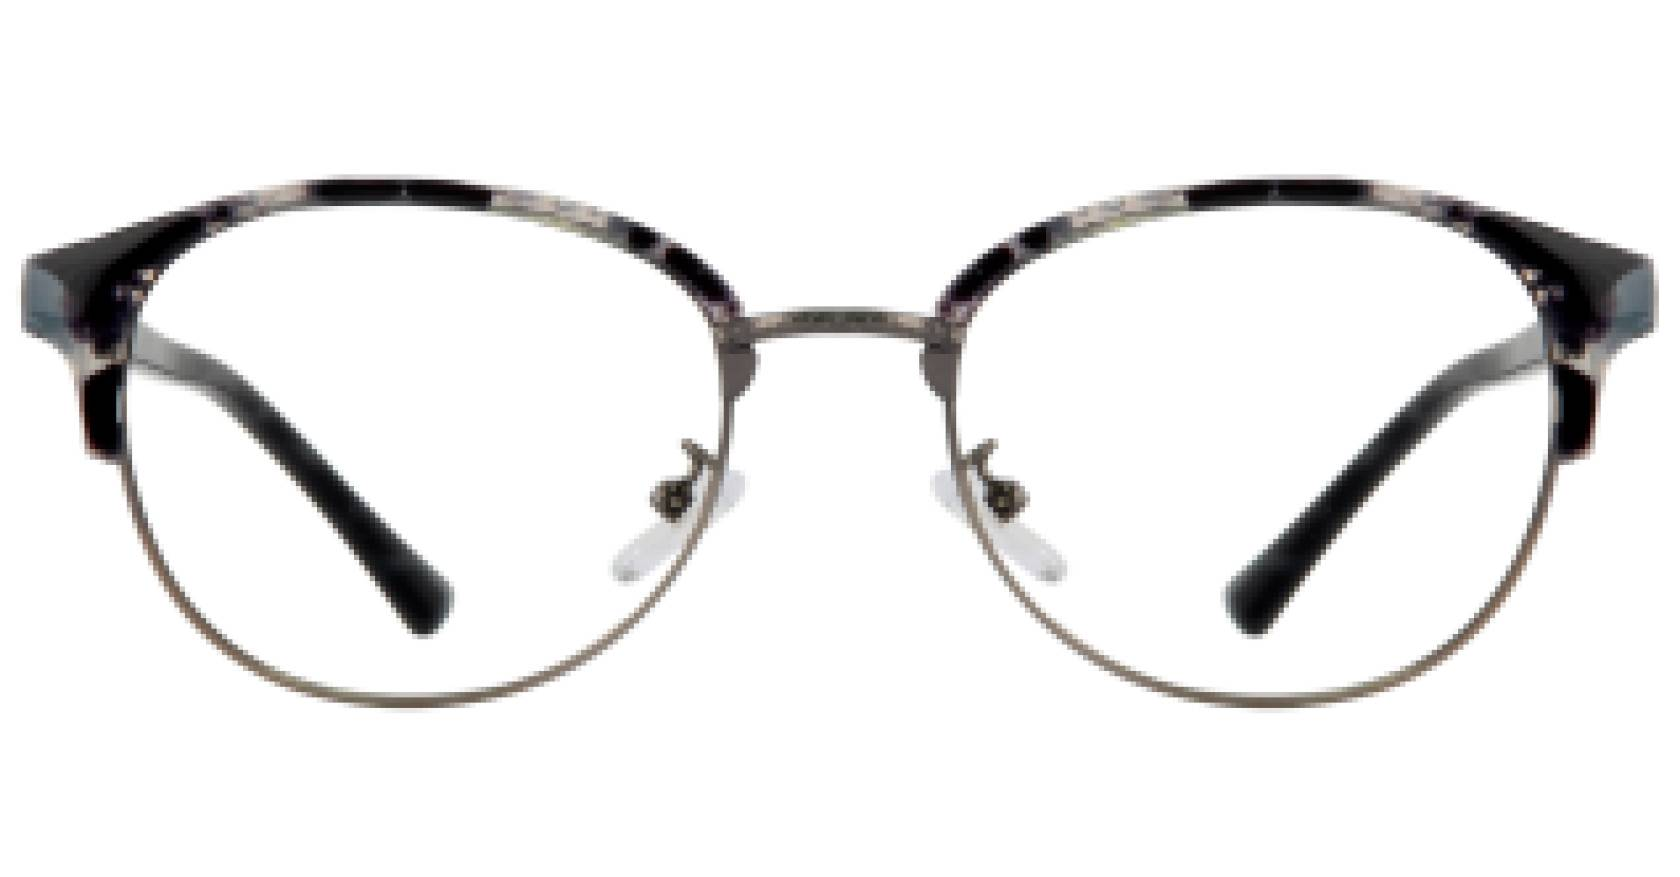 imagen miniatura frontal de la referencia 1001599